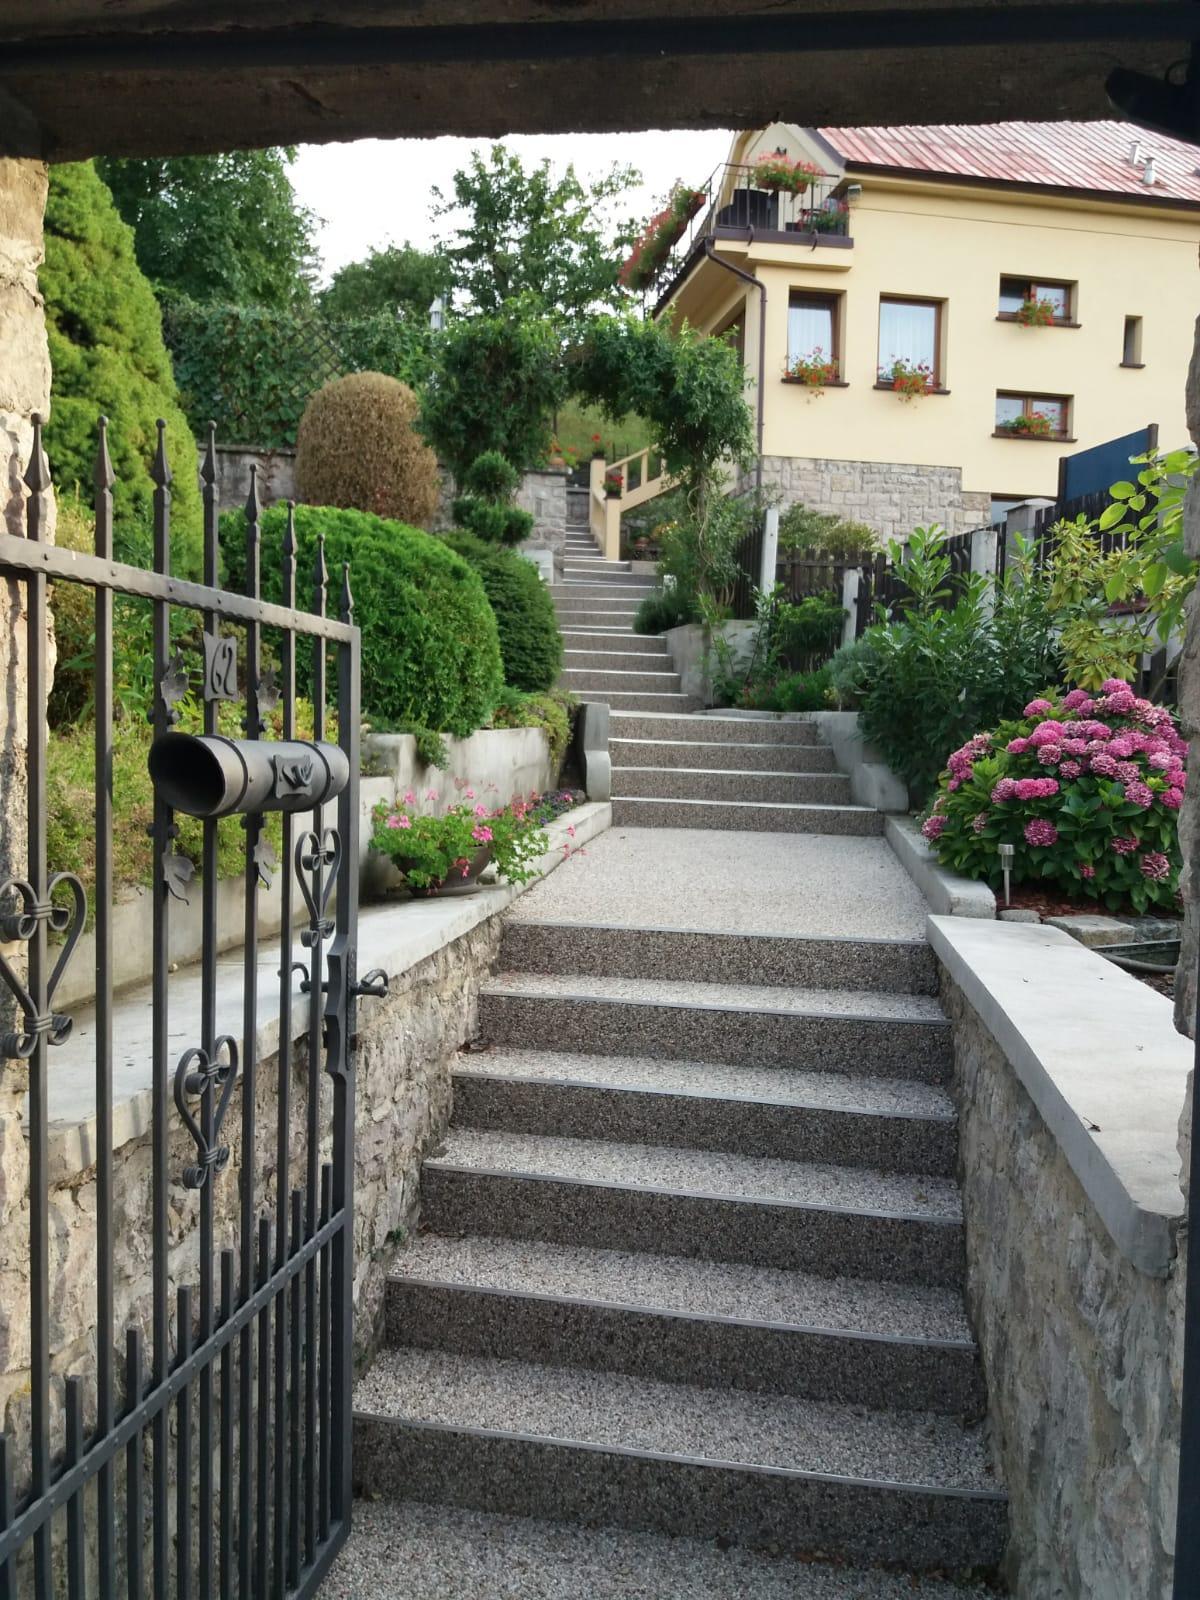 Doma - to je celé schodiště od vrátek až k domu